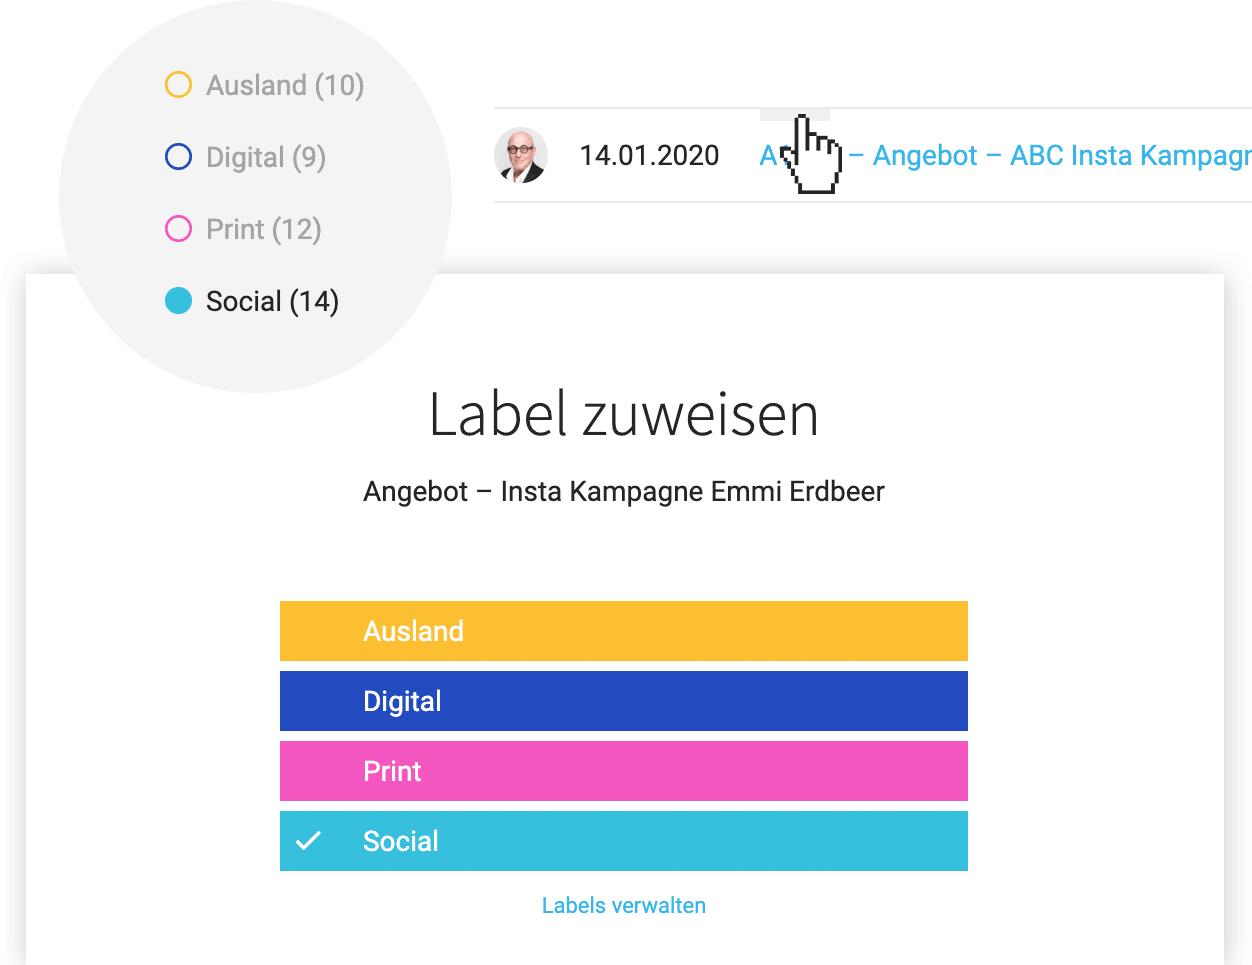 Angebote kategorisieren und markieren - mit Labels